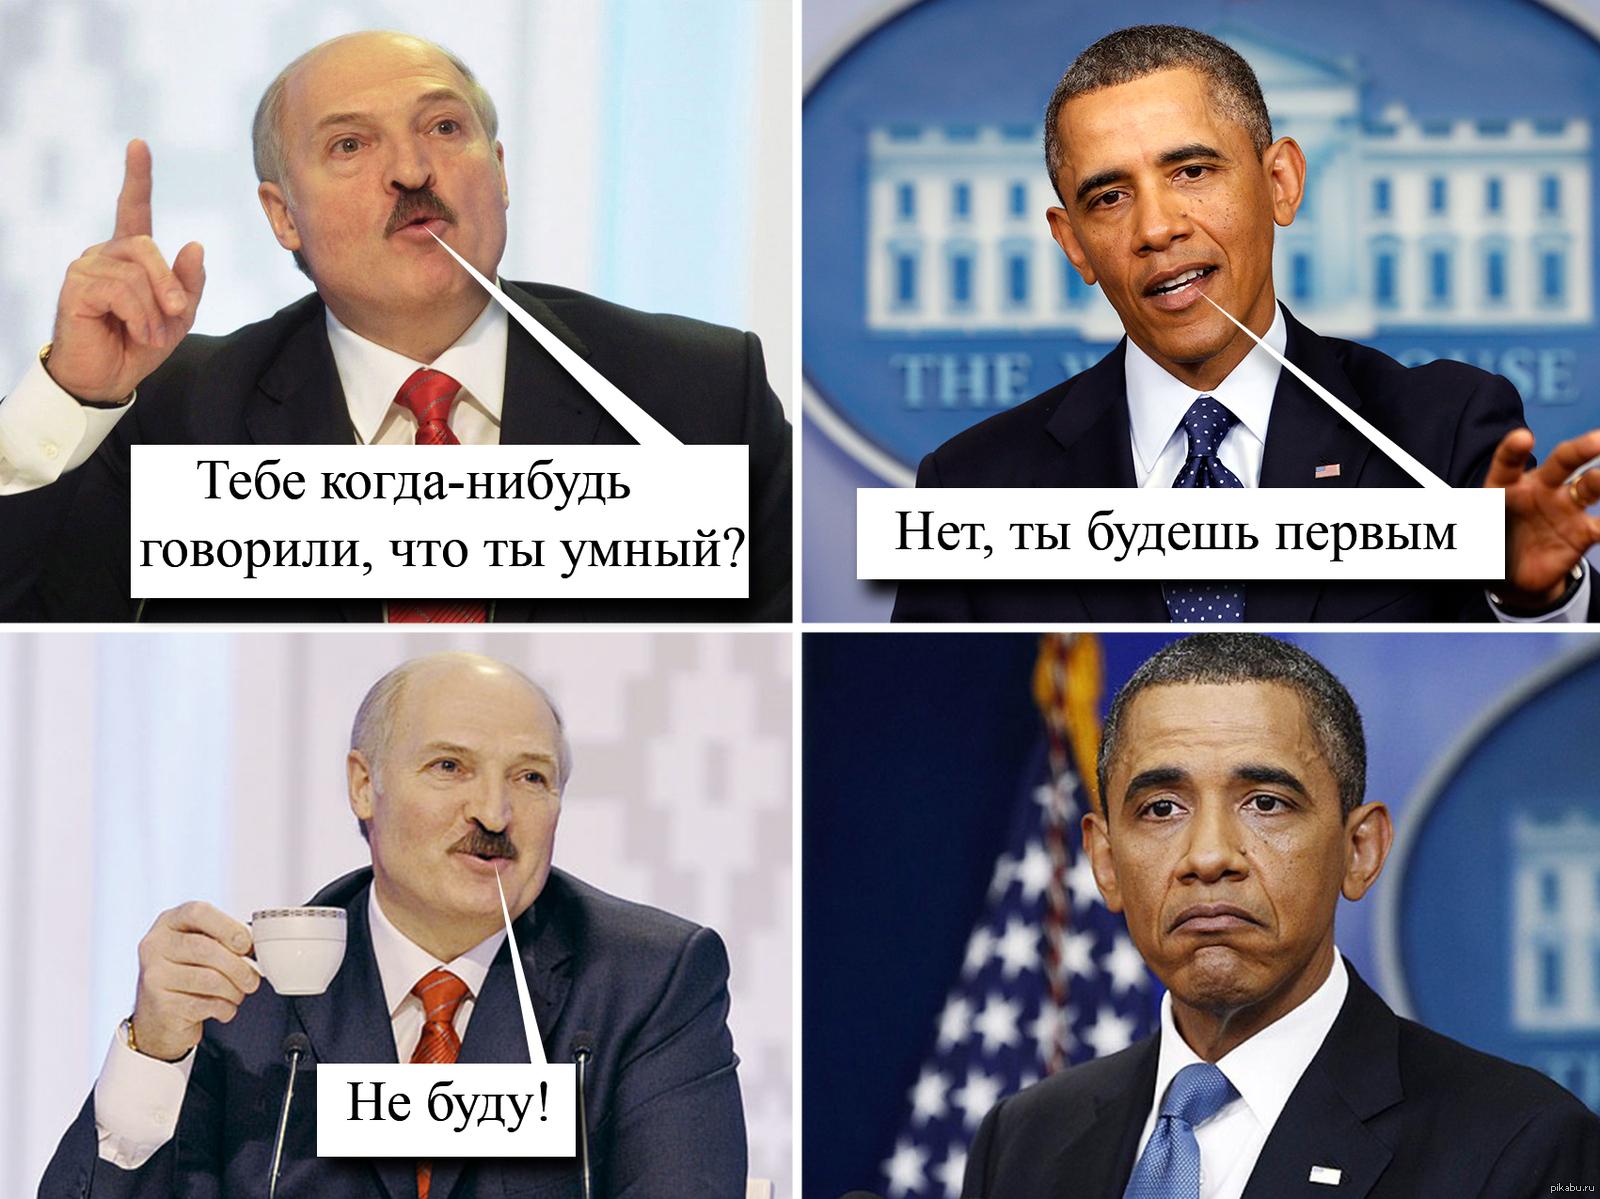 Смешная картинка про политику, другу днем